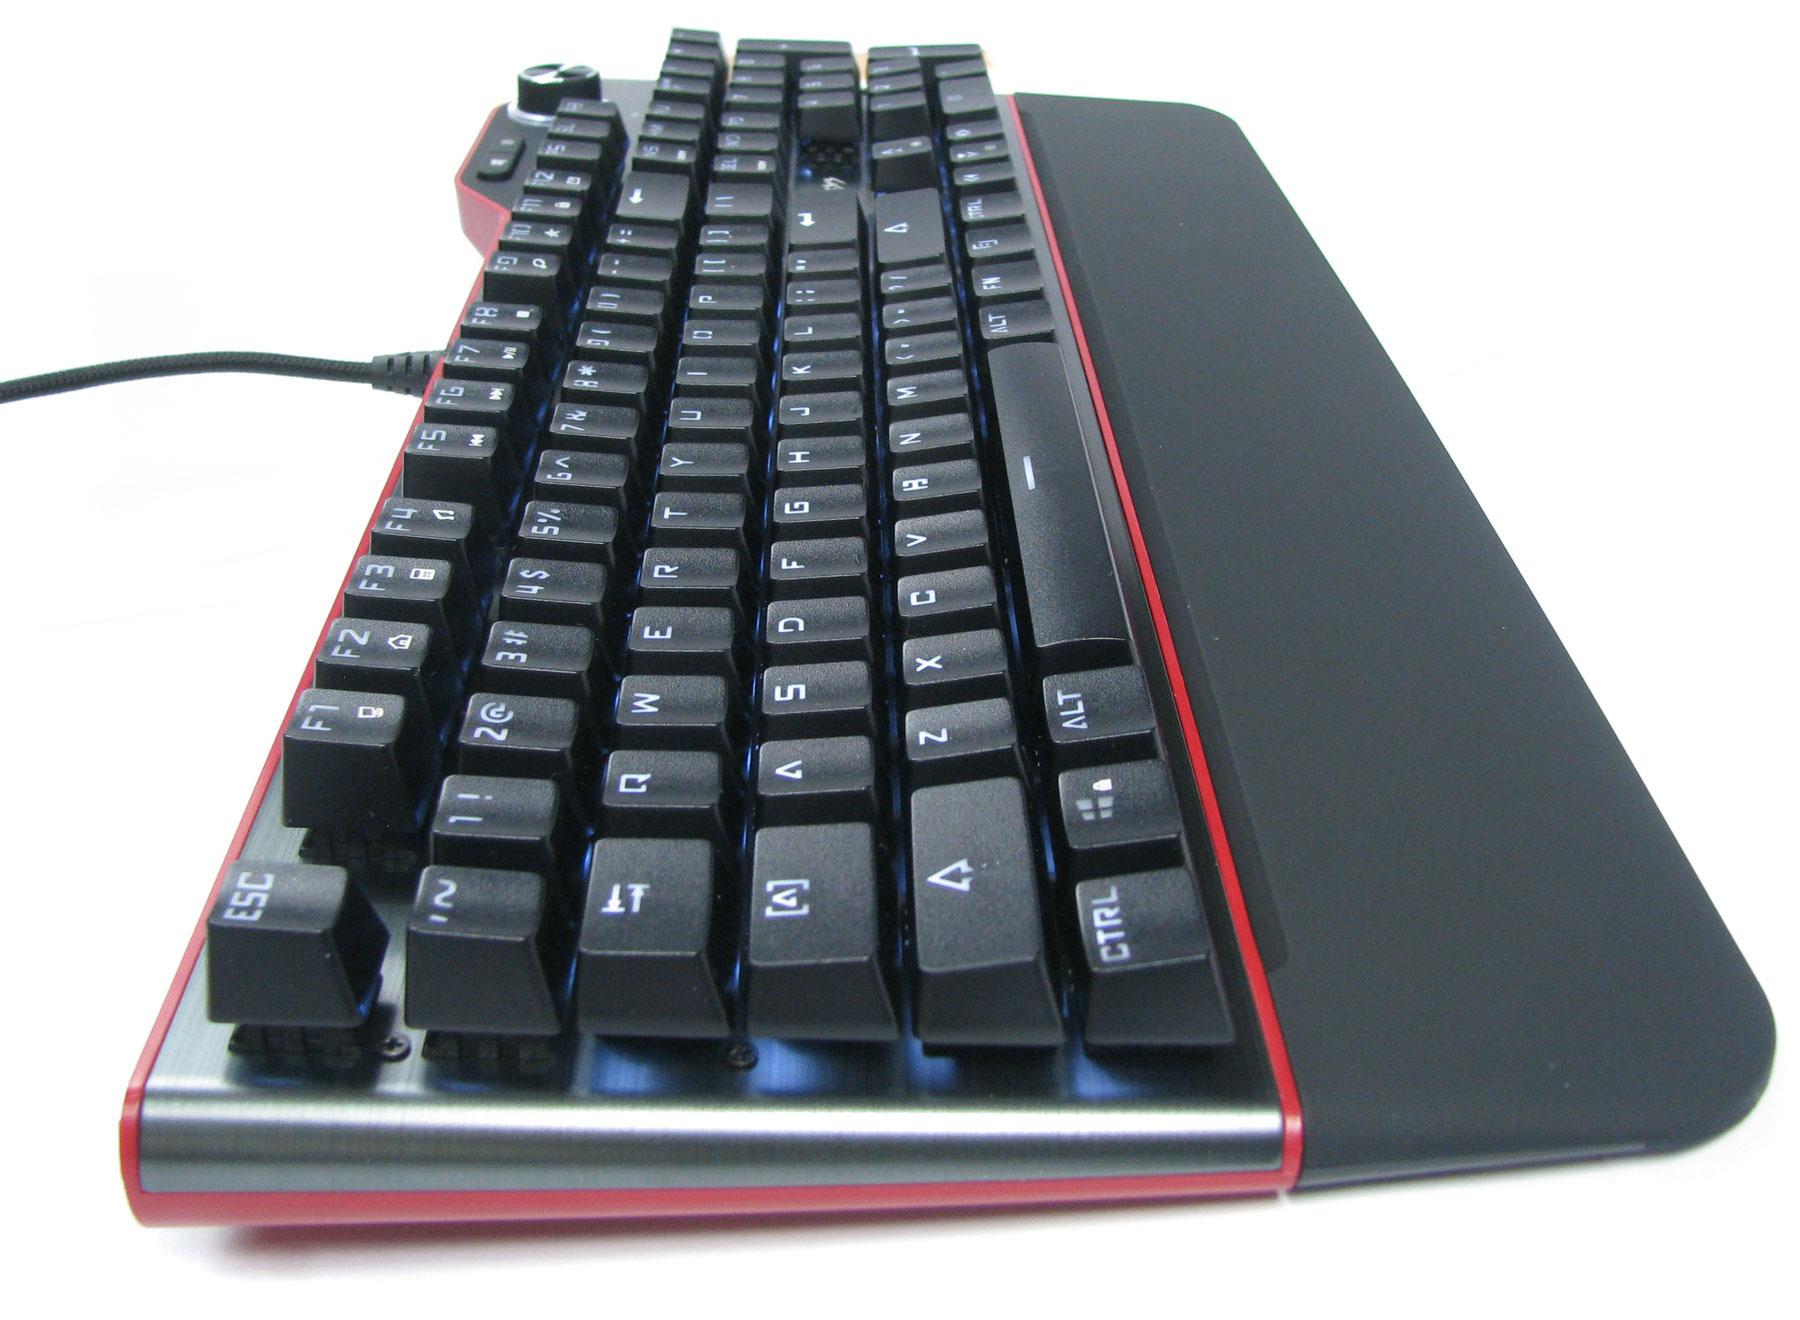 Natec Genesis RX85 pozwala szybko zablokować wszystkie klawisze.